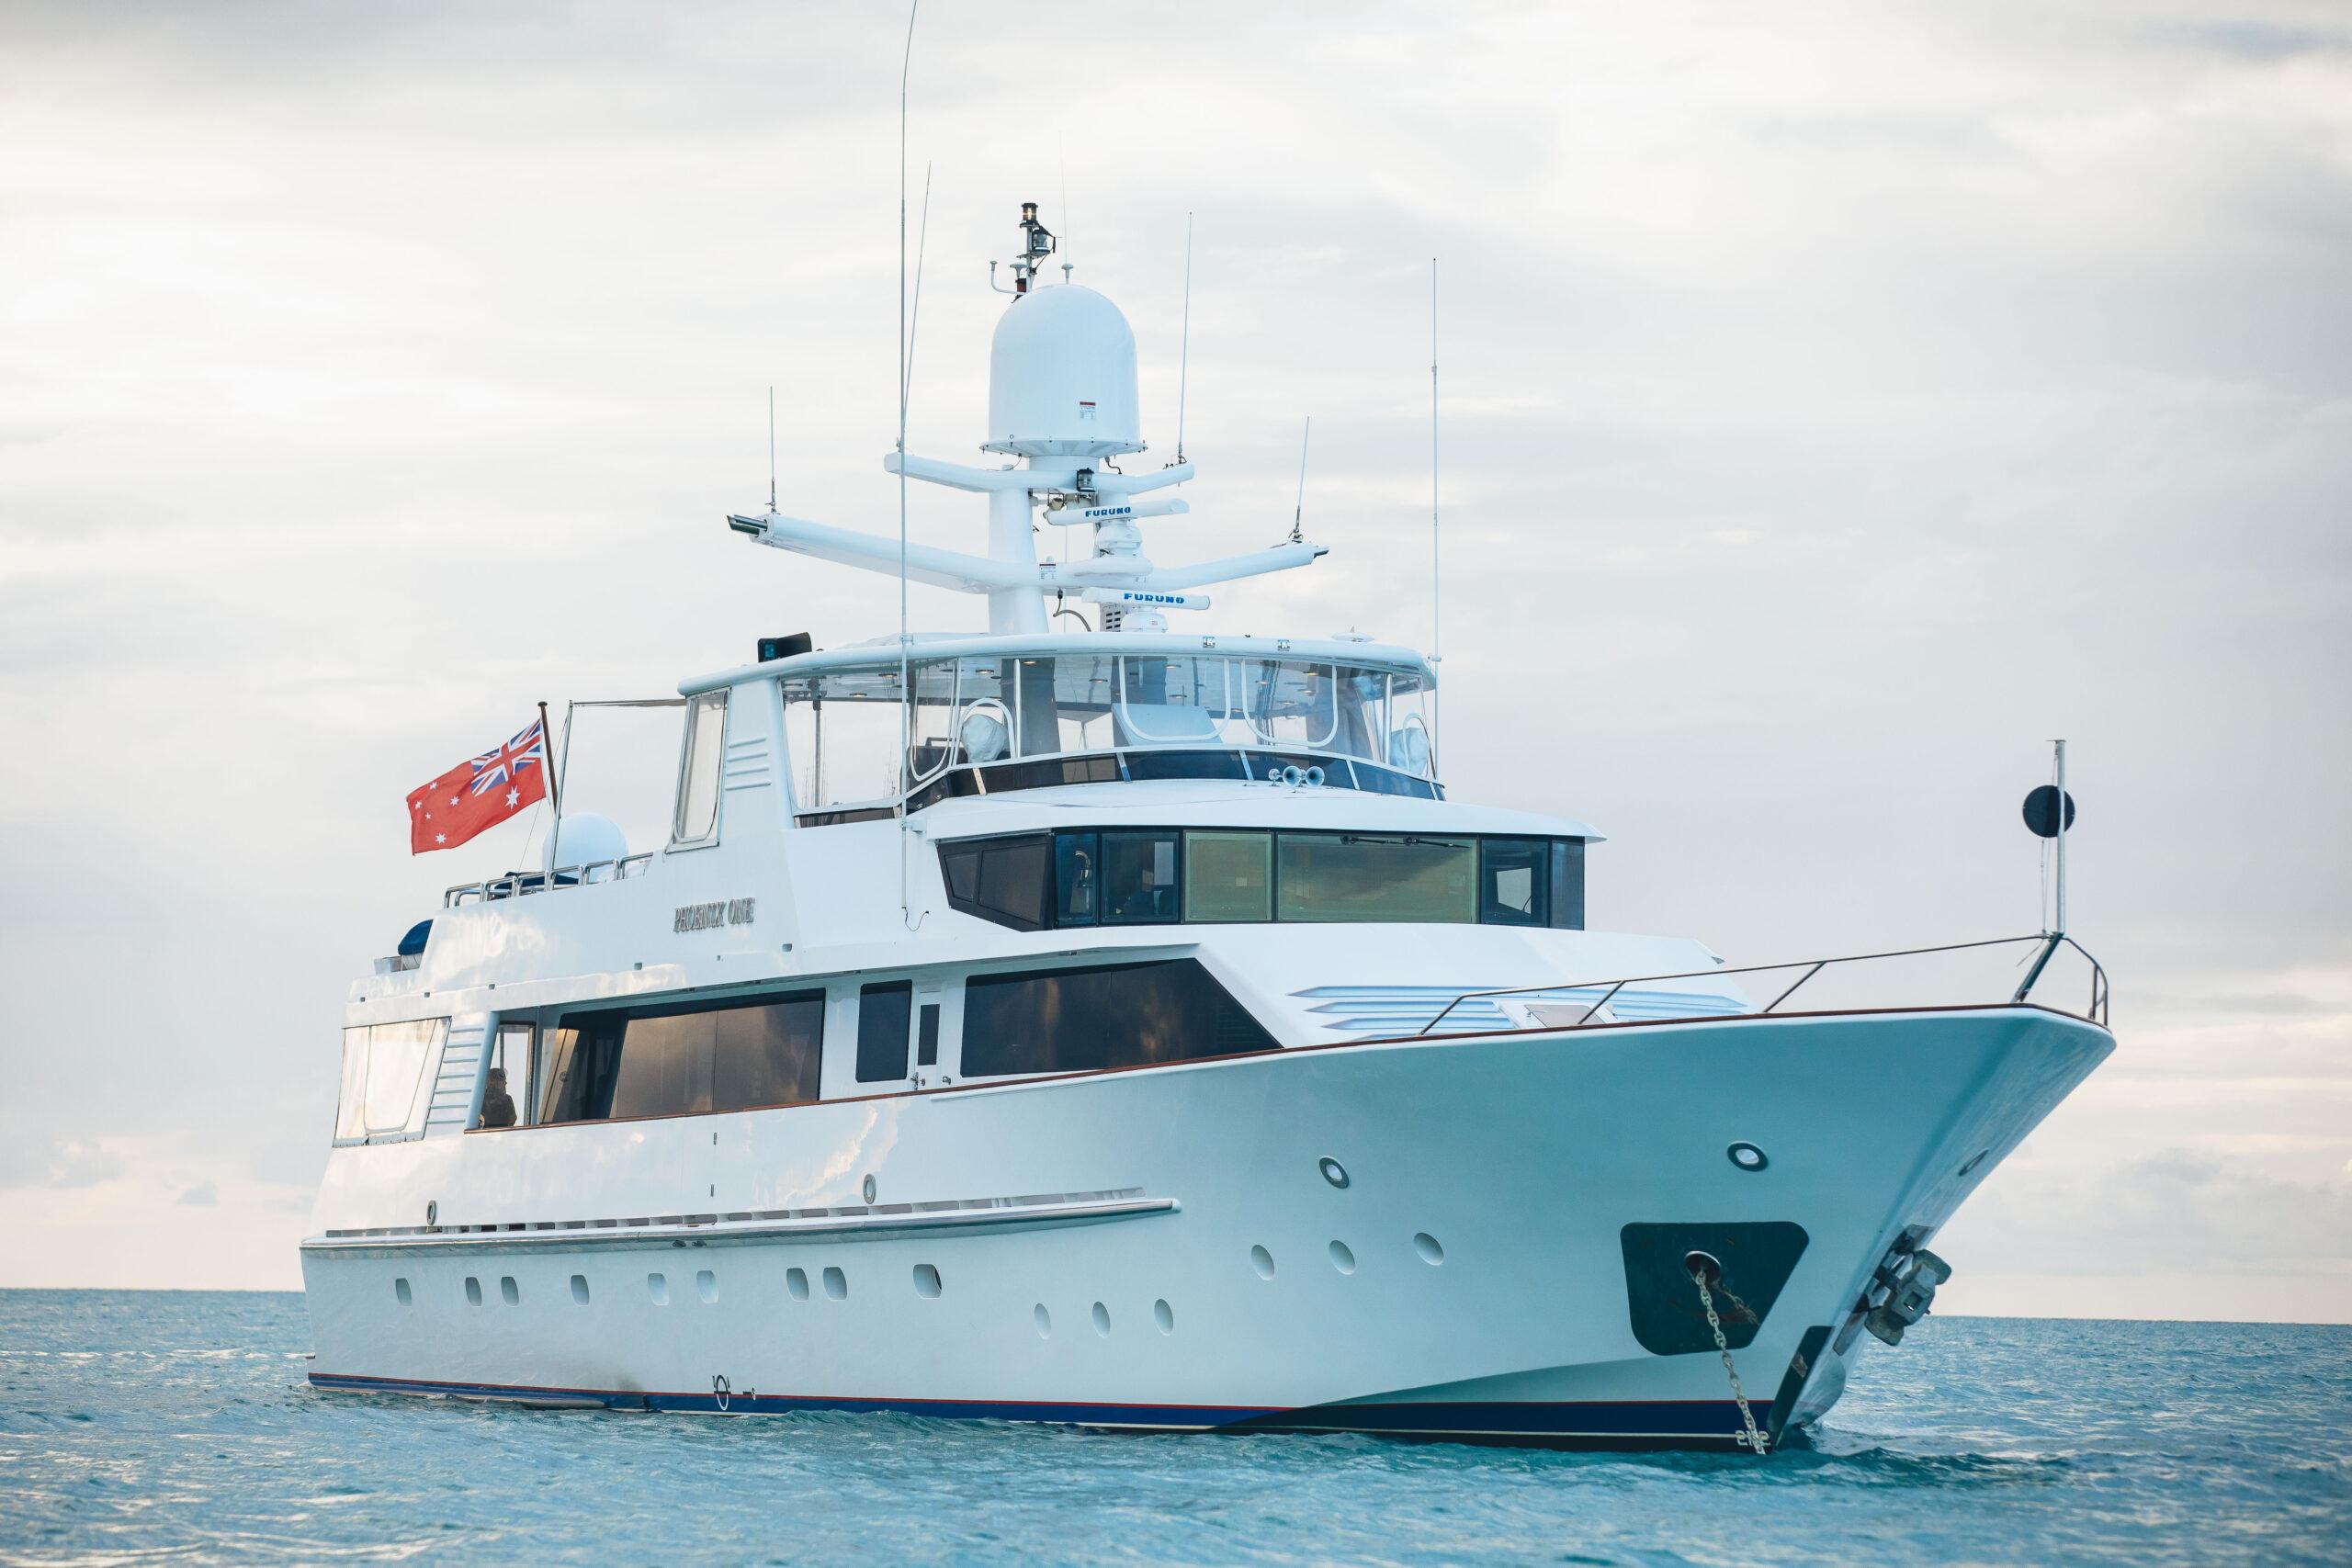 Whitsunday Island Superyacht Voyage – 6 Nights-  Superyacht – Phoenix One